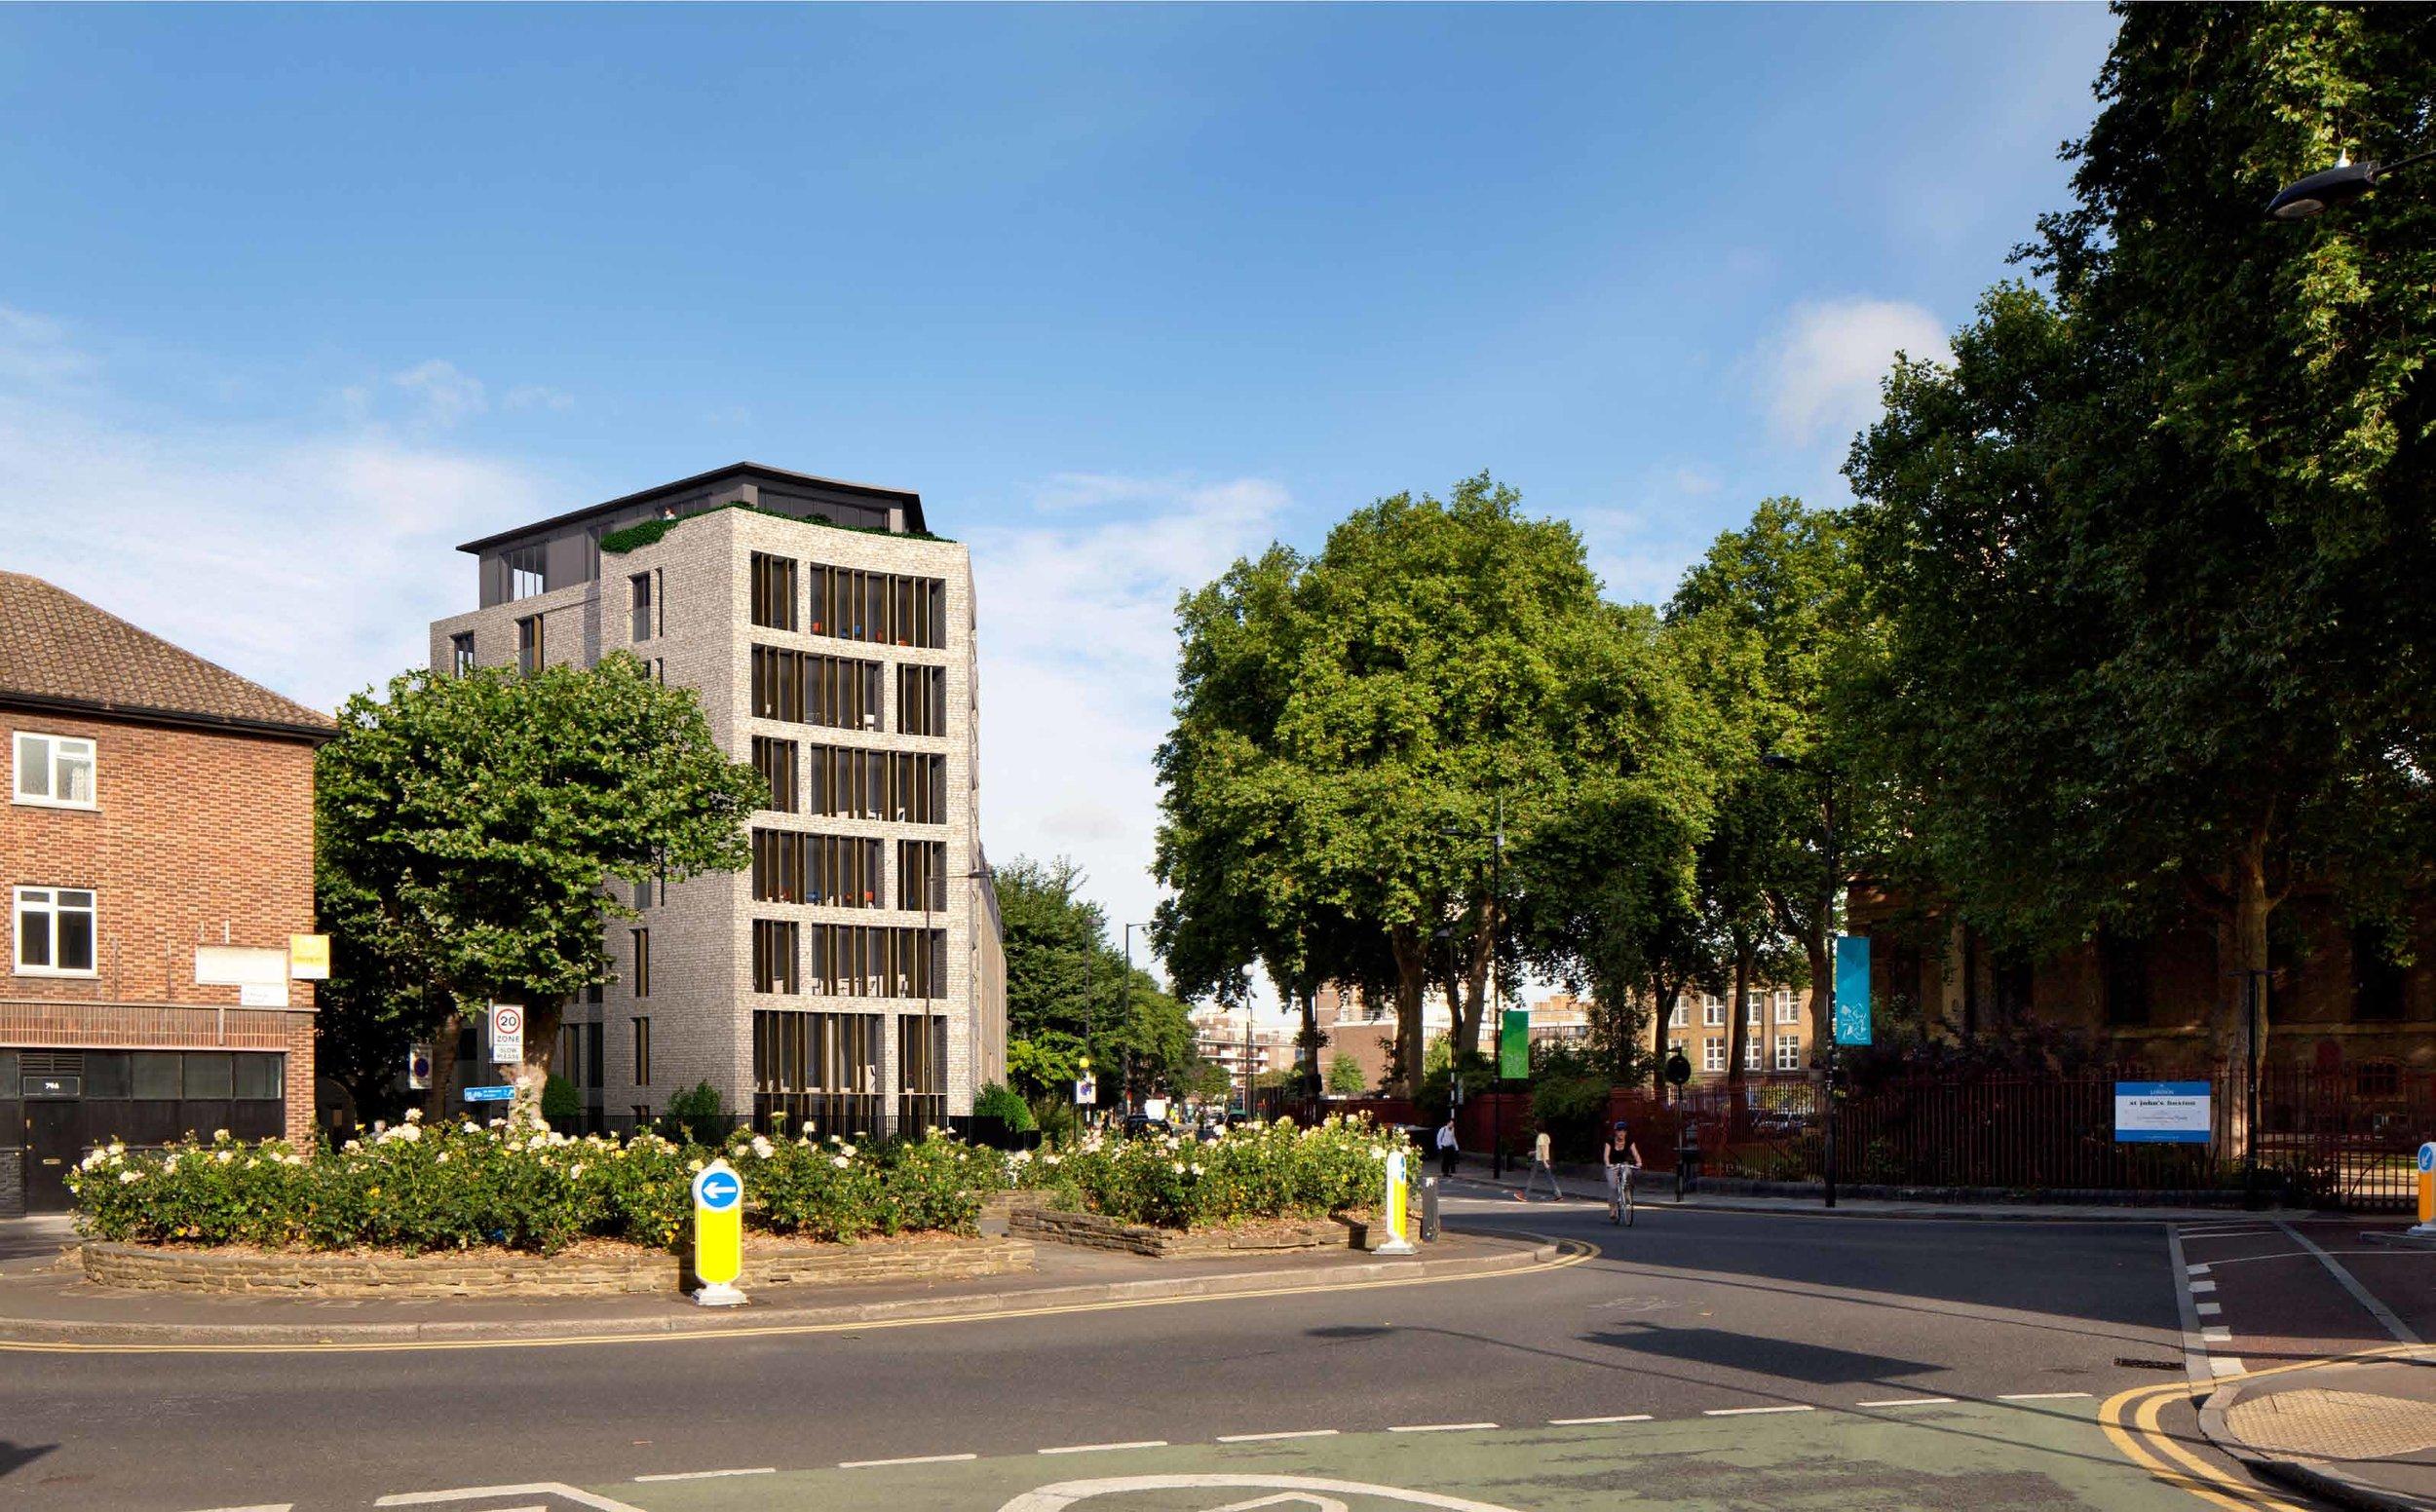 Image courtesy of Child Graddon Lewis Architects